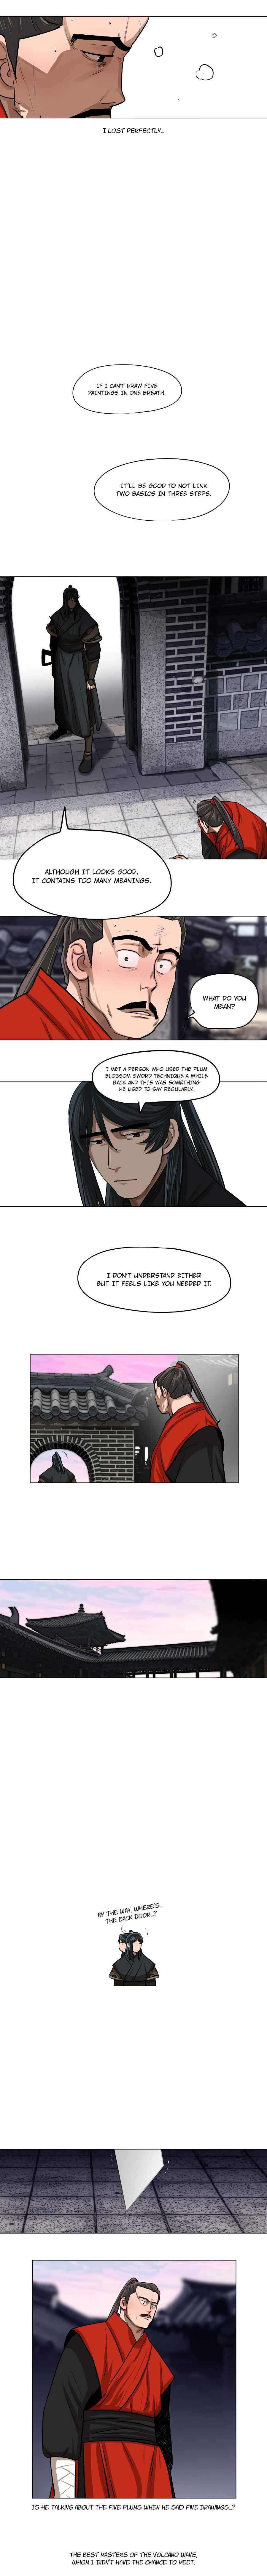 Escort Warrior Chapter 26 page 8 - Mangakakalots.com